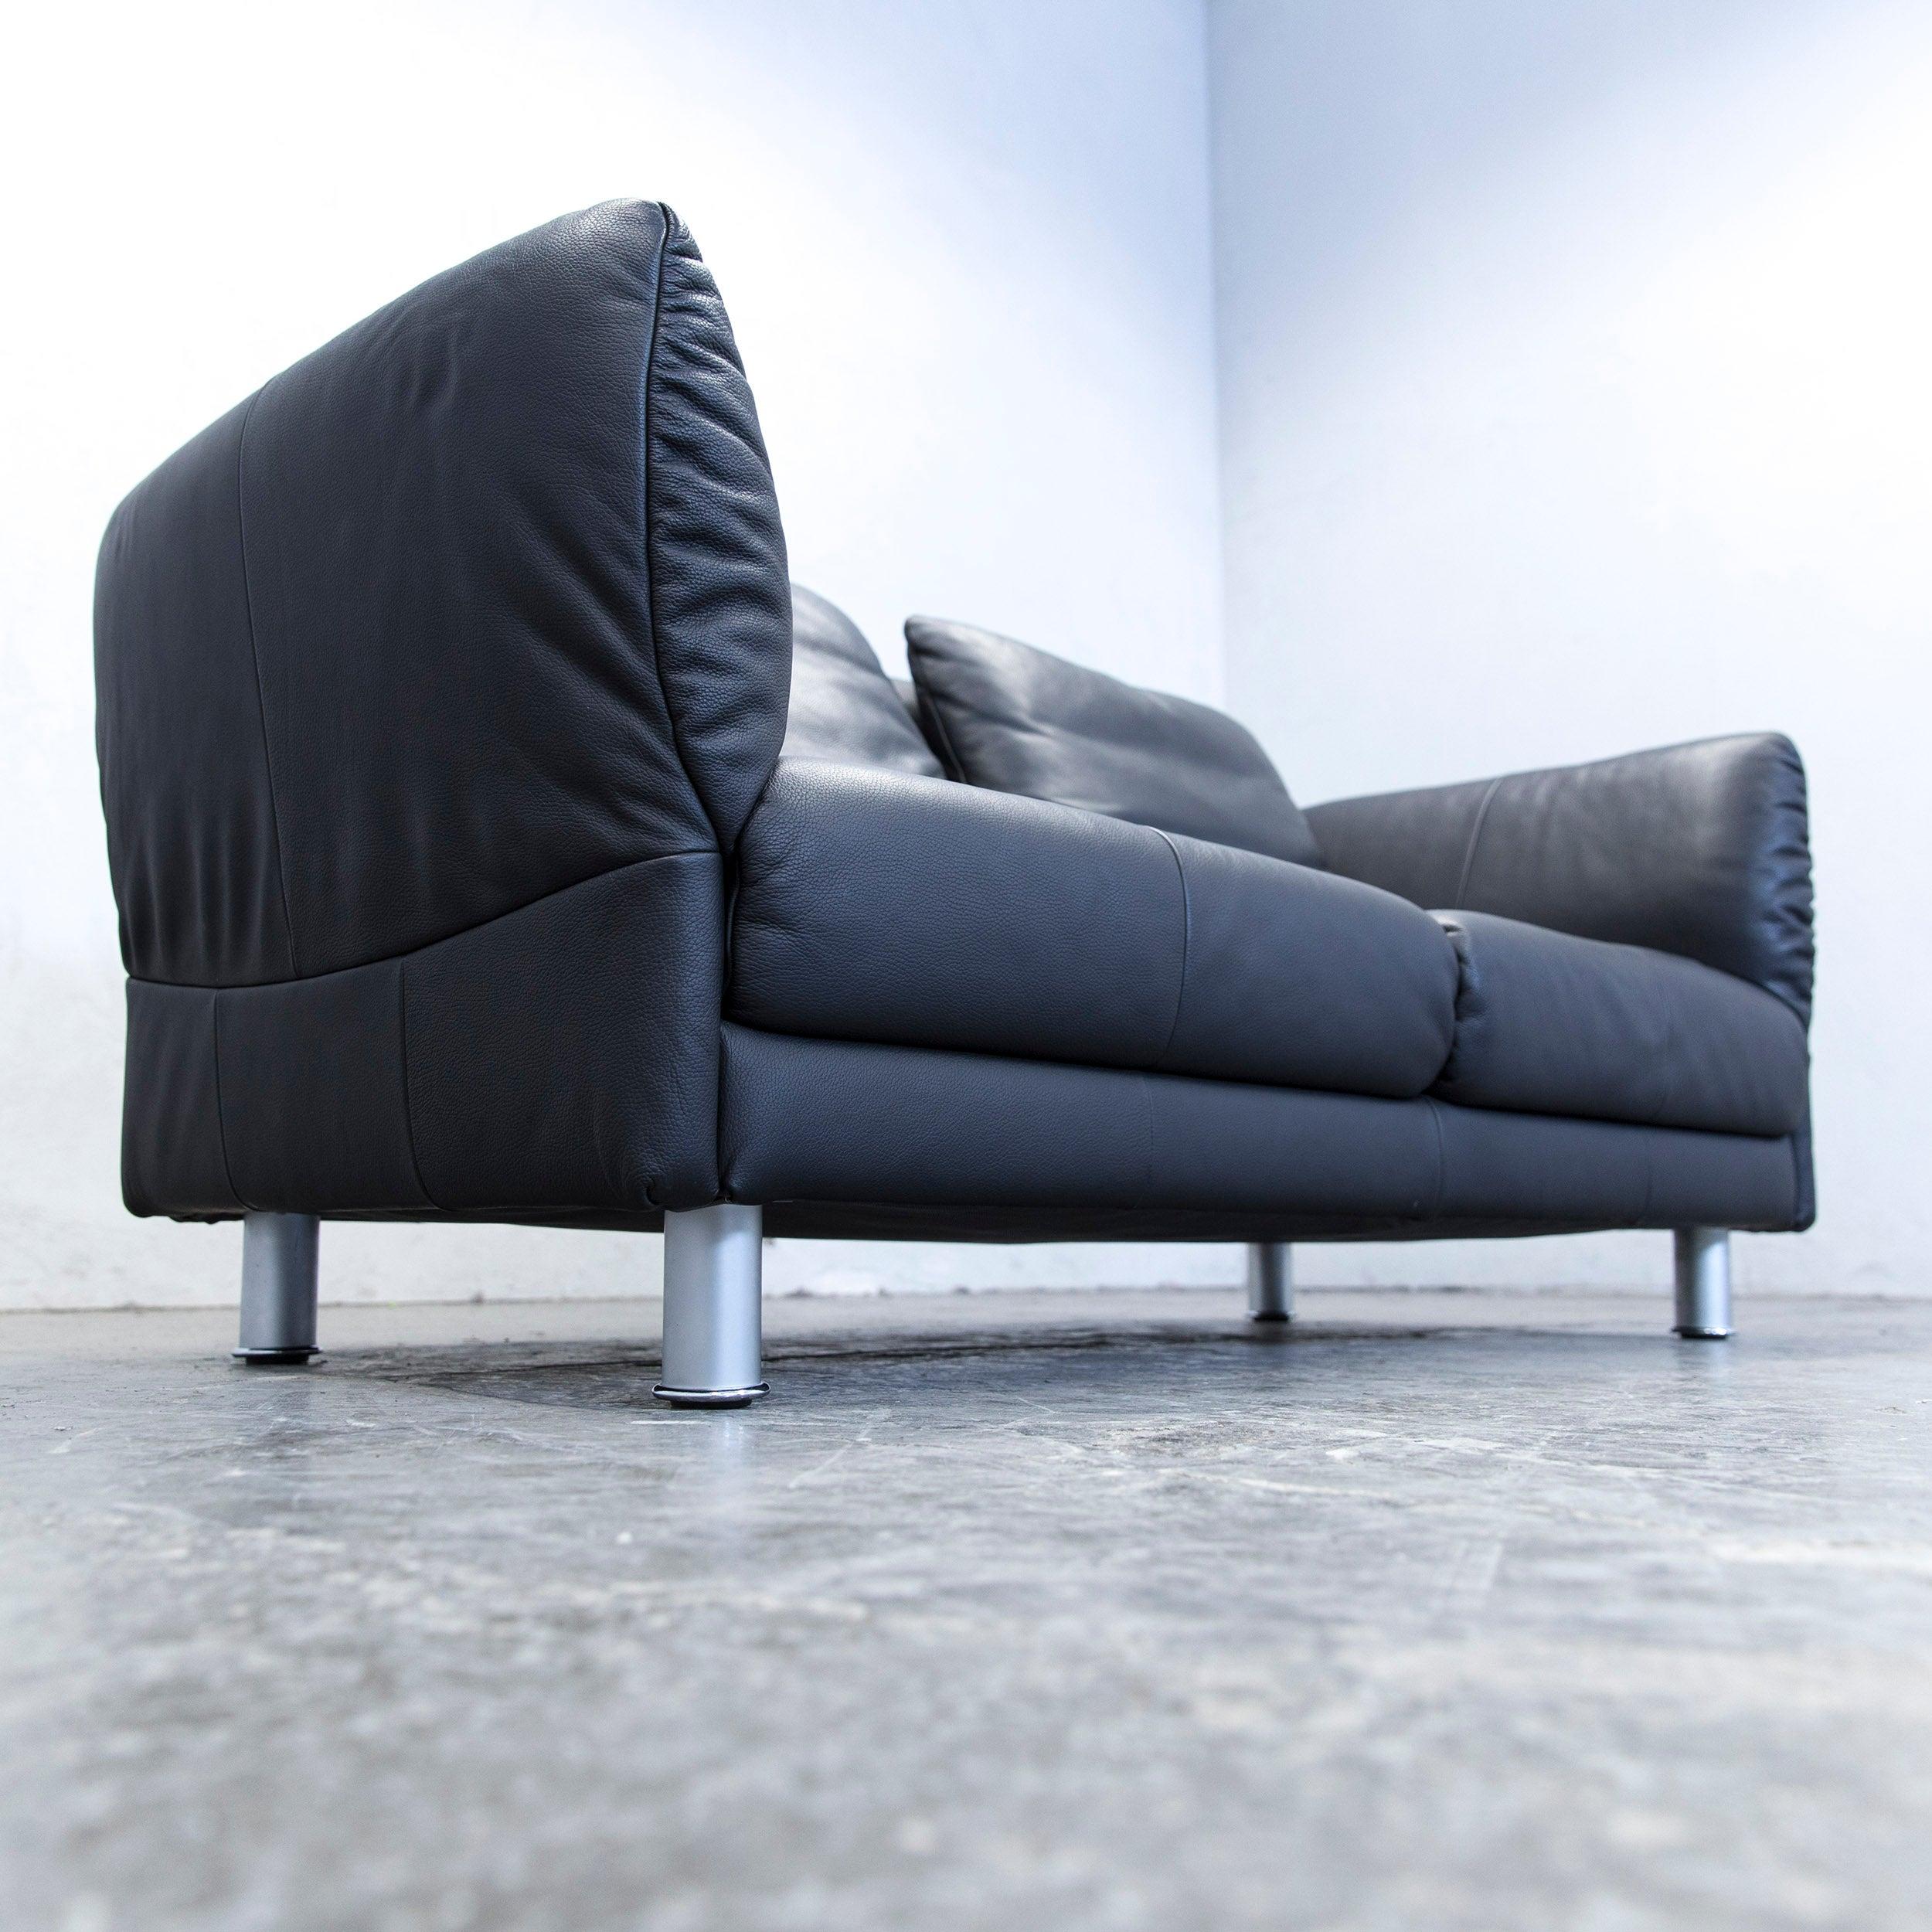 Attraktiv Rolf Benz Designer Sofa Leder Schwarz Zweisitzer Couch Modern Echtleder  3937Sofa Sessel Gebraucht Kaufen K Ln